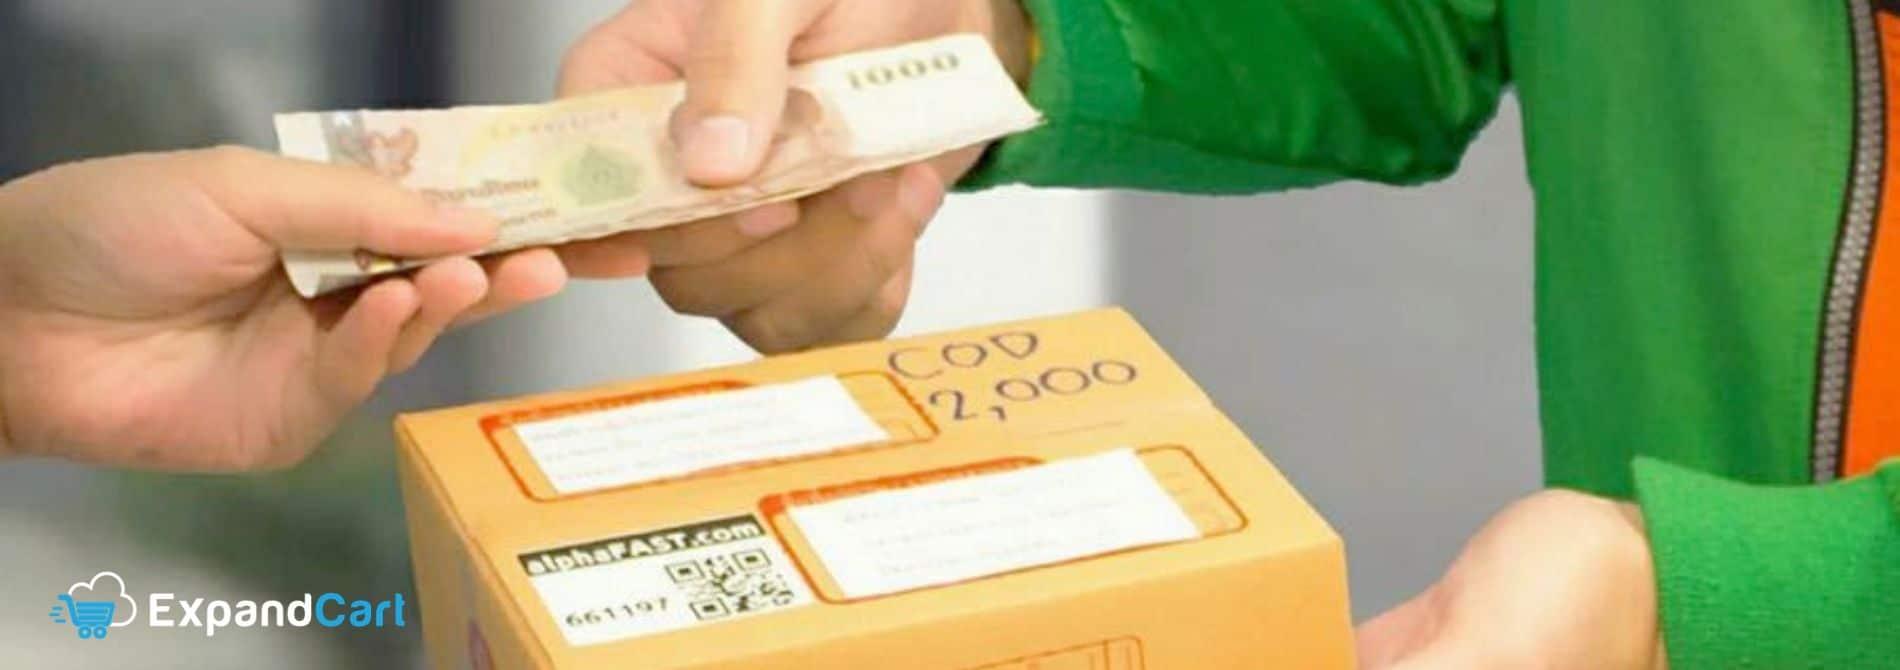 أهم الأسئلة الشائعة عن نظام الدفع عند الاستلام وتفعيله داخل المتاجر الإلكترونية